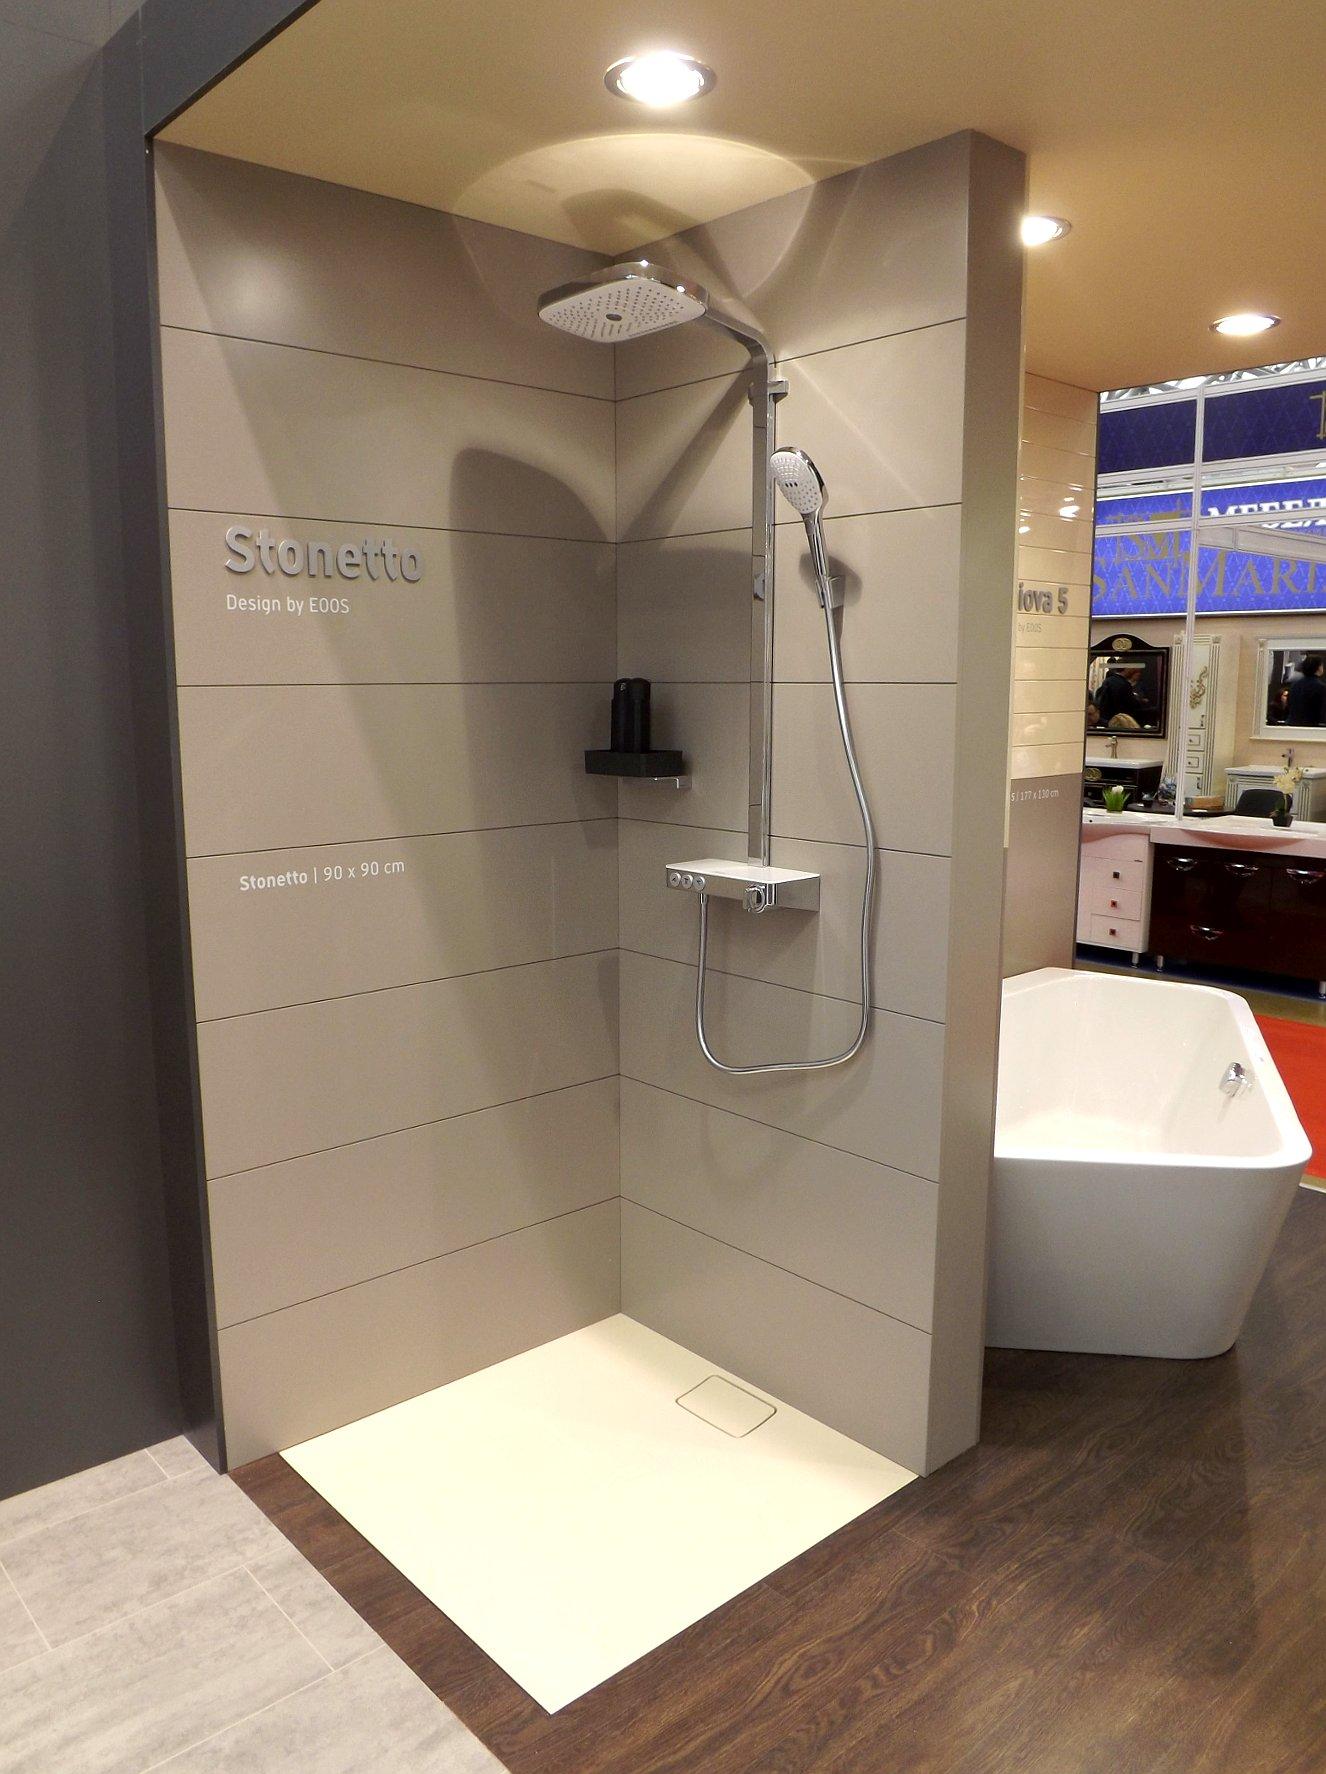 Модные тренды сантехники и аксессуаров для ванной 2016: душевая с плоским поддоном (без порогов) на экспозиции от Duravit во время выставки MosBuild